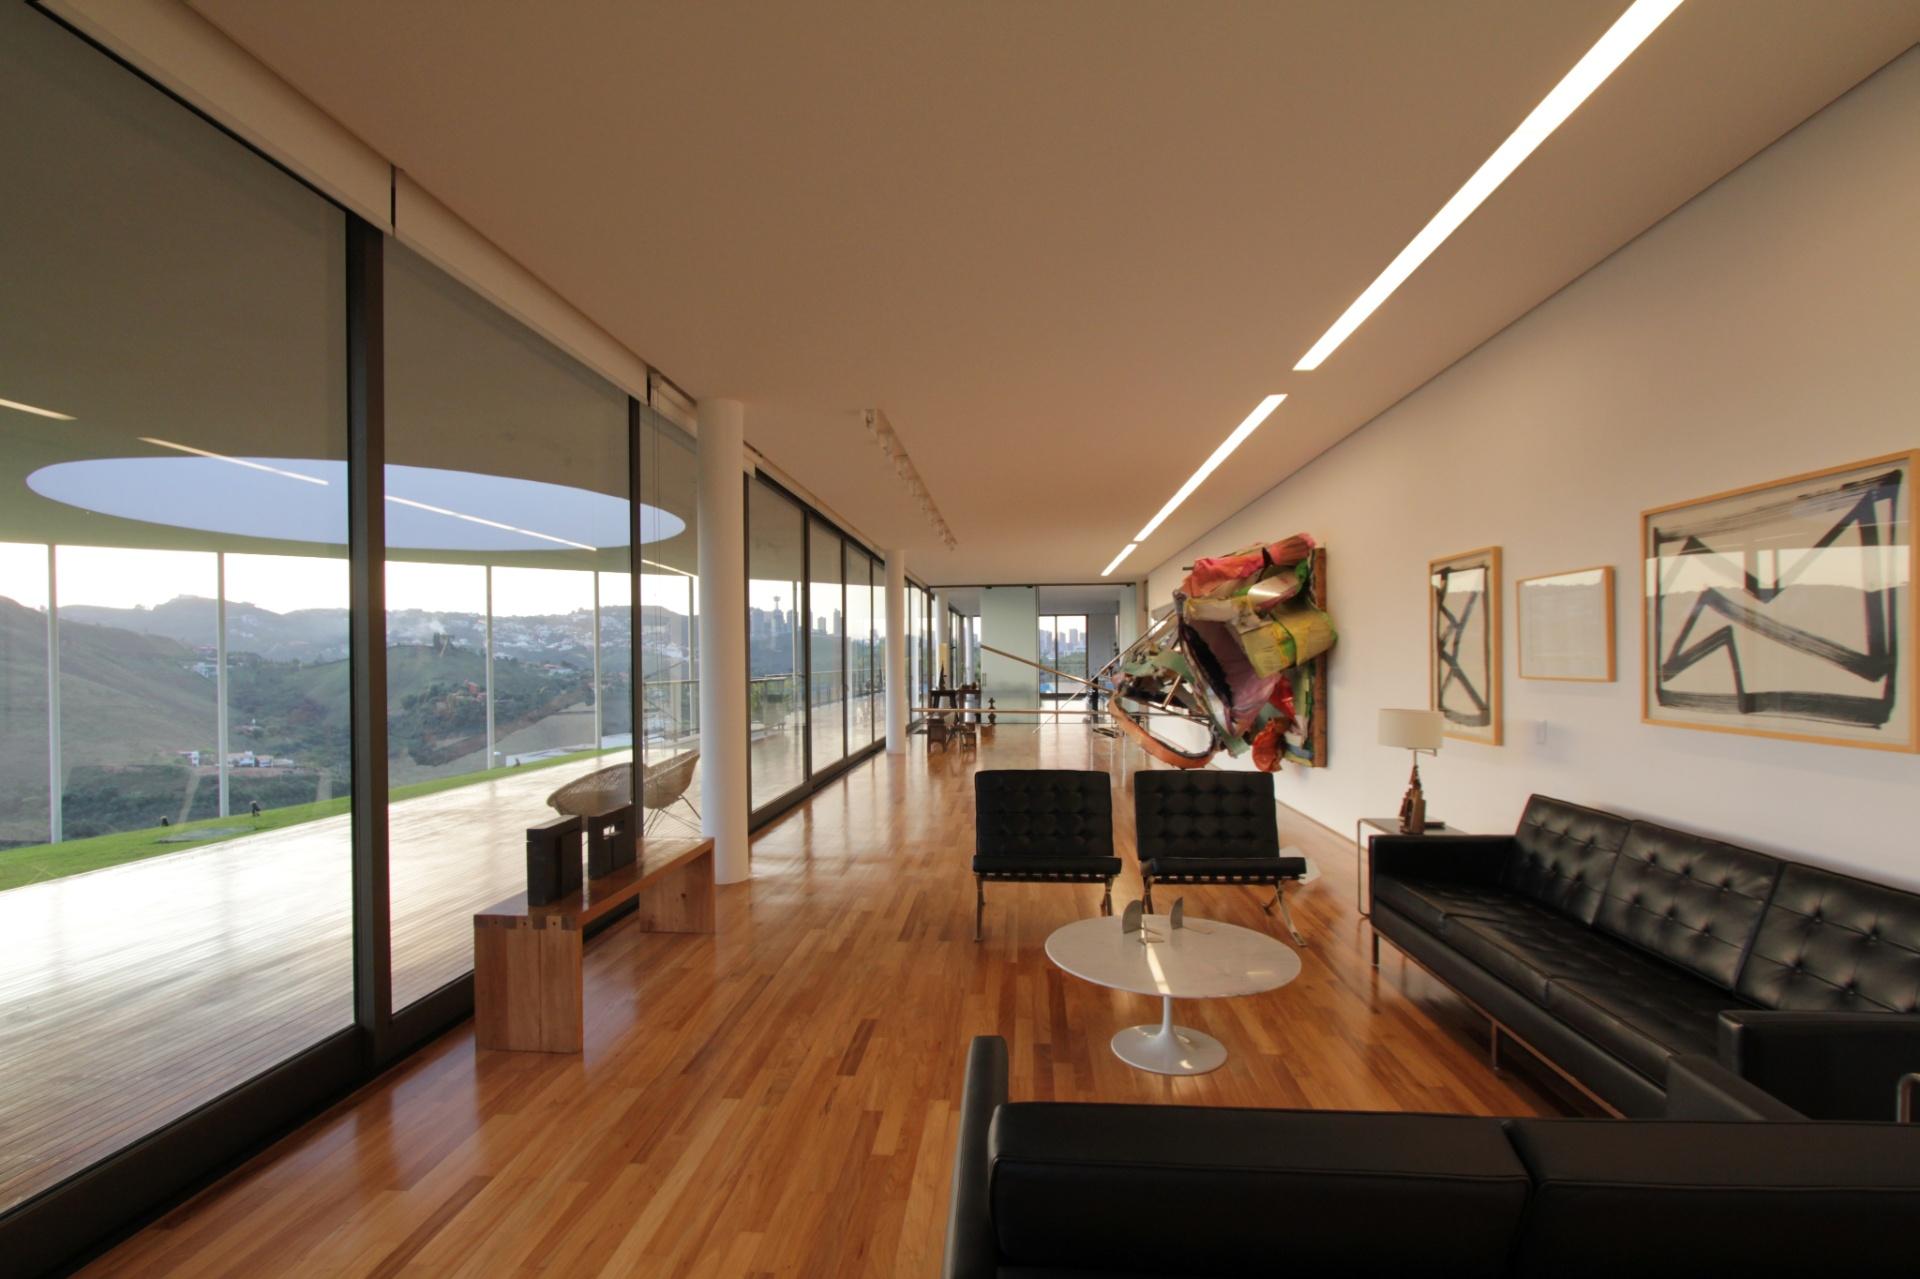 Ao observar o alongado salão social para exibição de obras de arte, fica mais clara a proposta arquitetônica que pretende hibridizar as funções